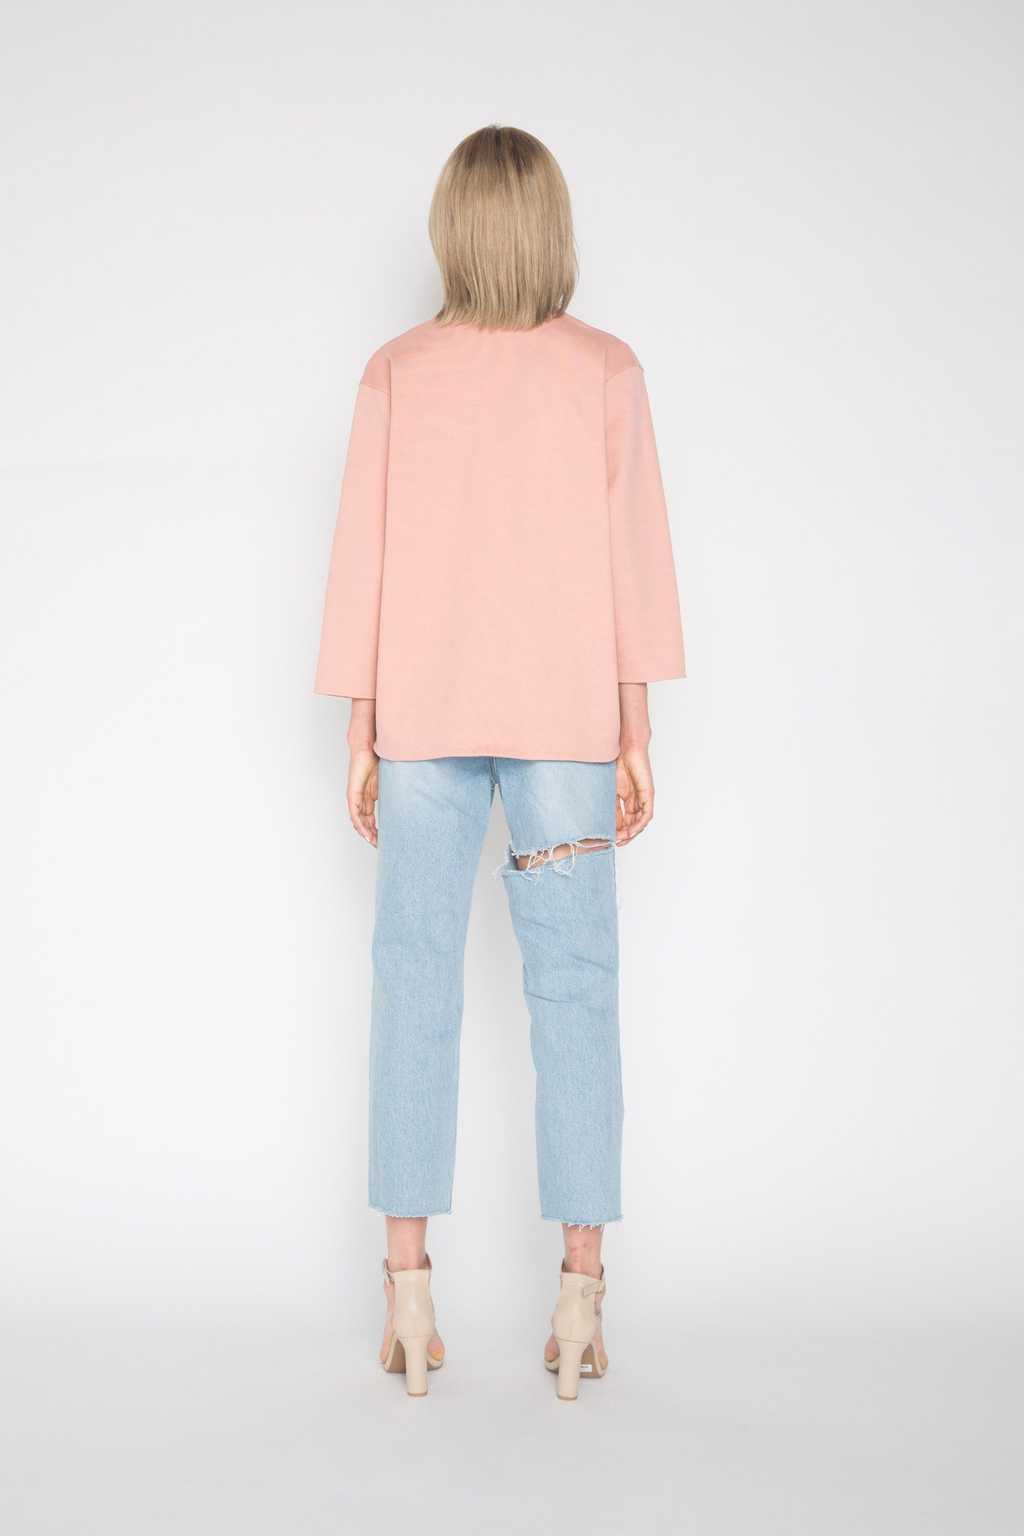 Jacket 732 Pink 4